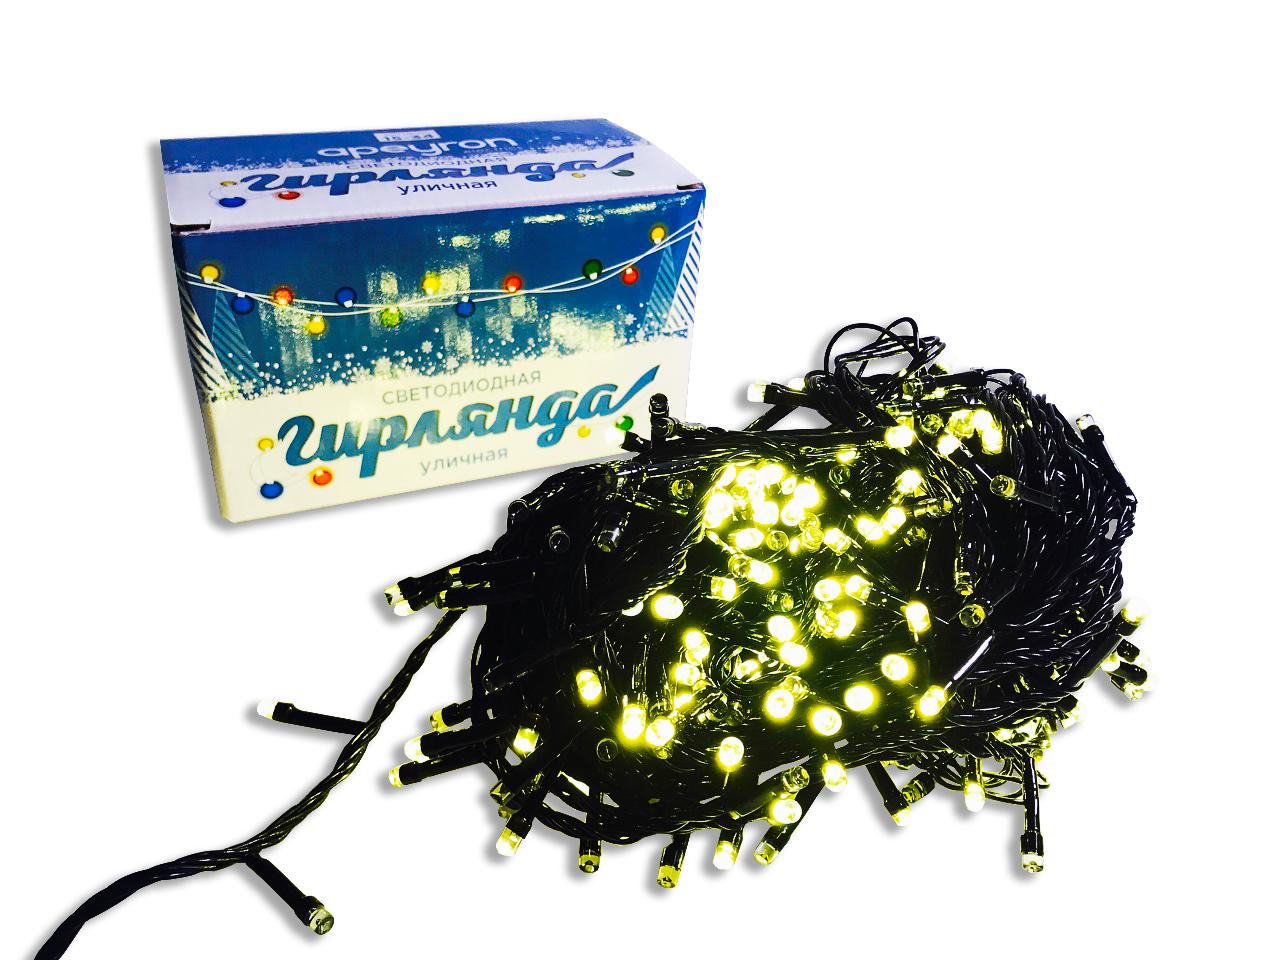 Подвесное украшение APEYRON electrics Уличная электрическая гирлянда светодиодная, 18м, 8 режимов, 360 диодов,черный шнур, теплый белый., 15-34 электрическая гирлянда светодиодная apeyron бумажная 10ламп теплый белый 1 5м